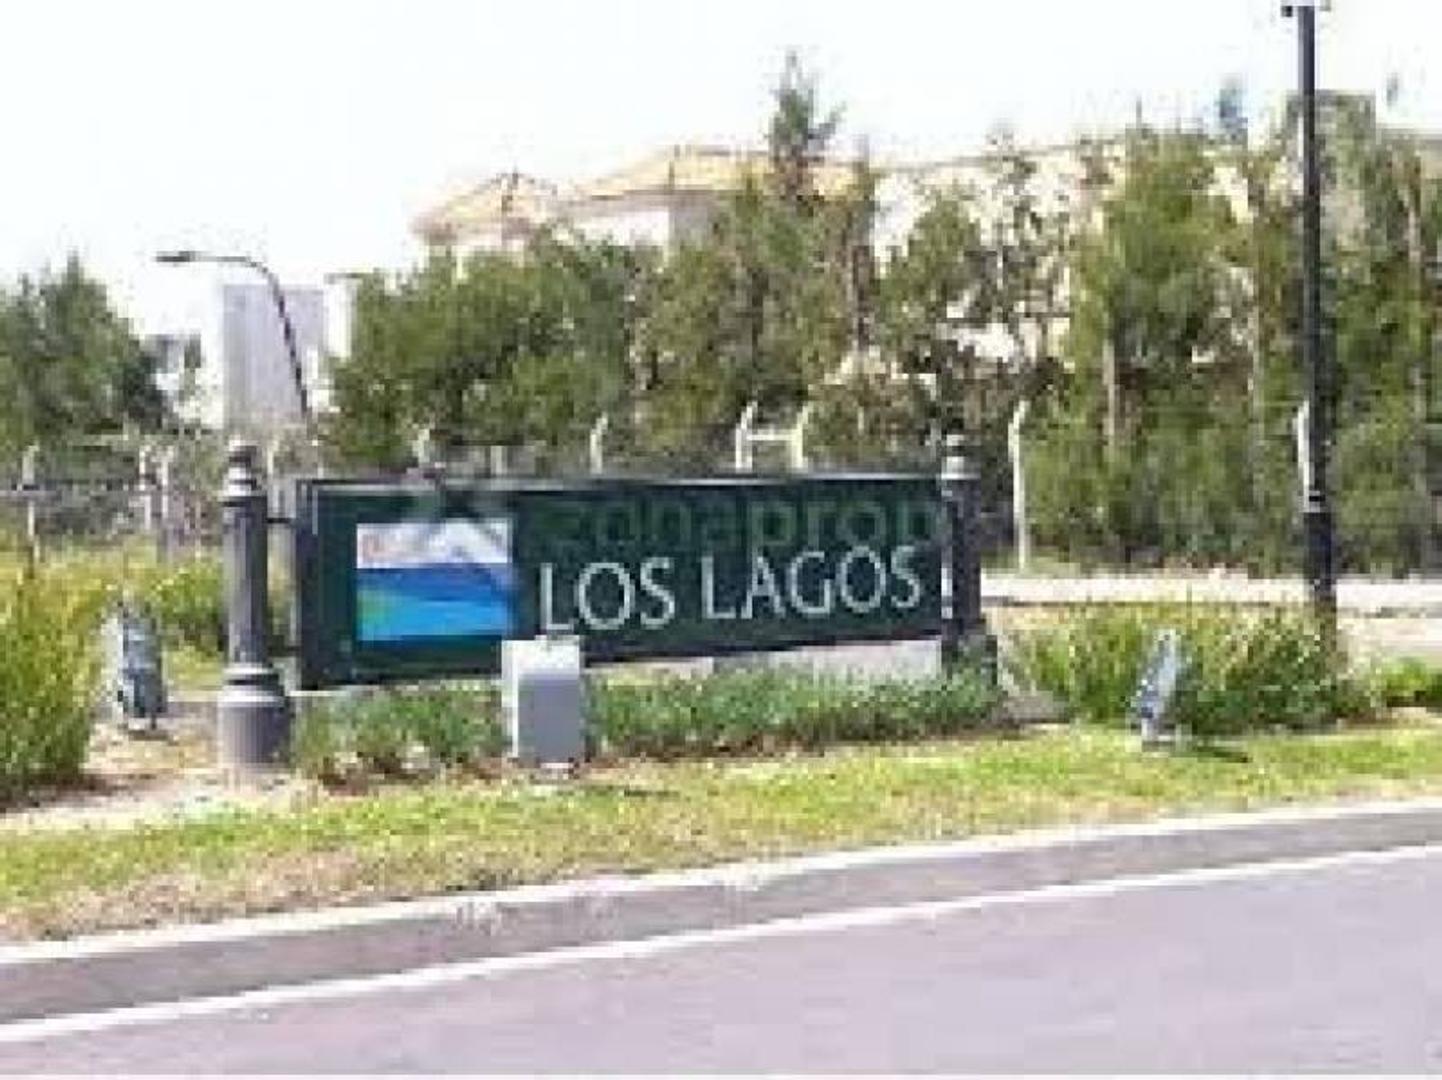 Casa Al Lago, Los Lagos, Nordelta